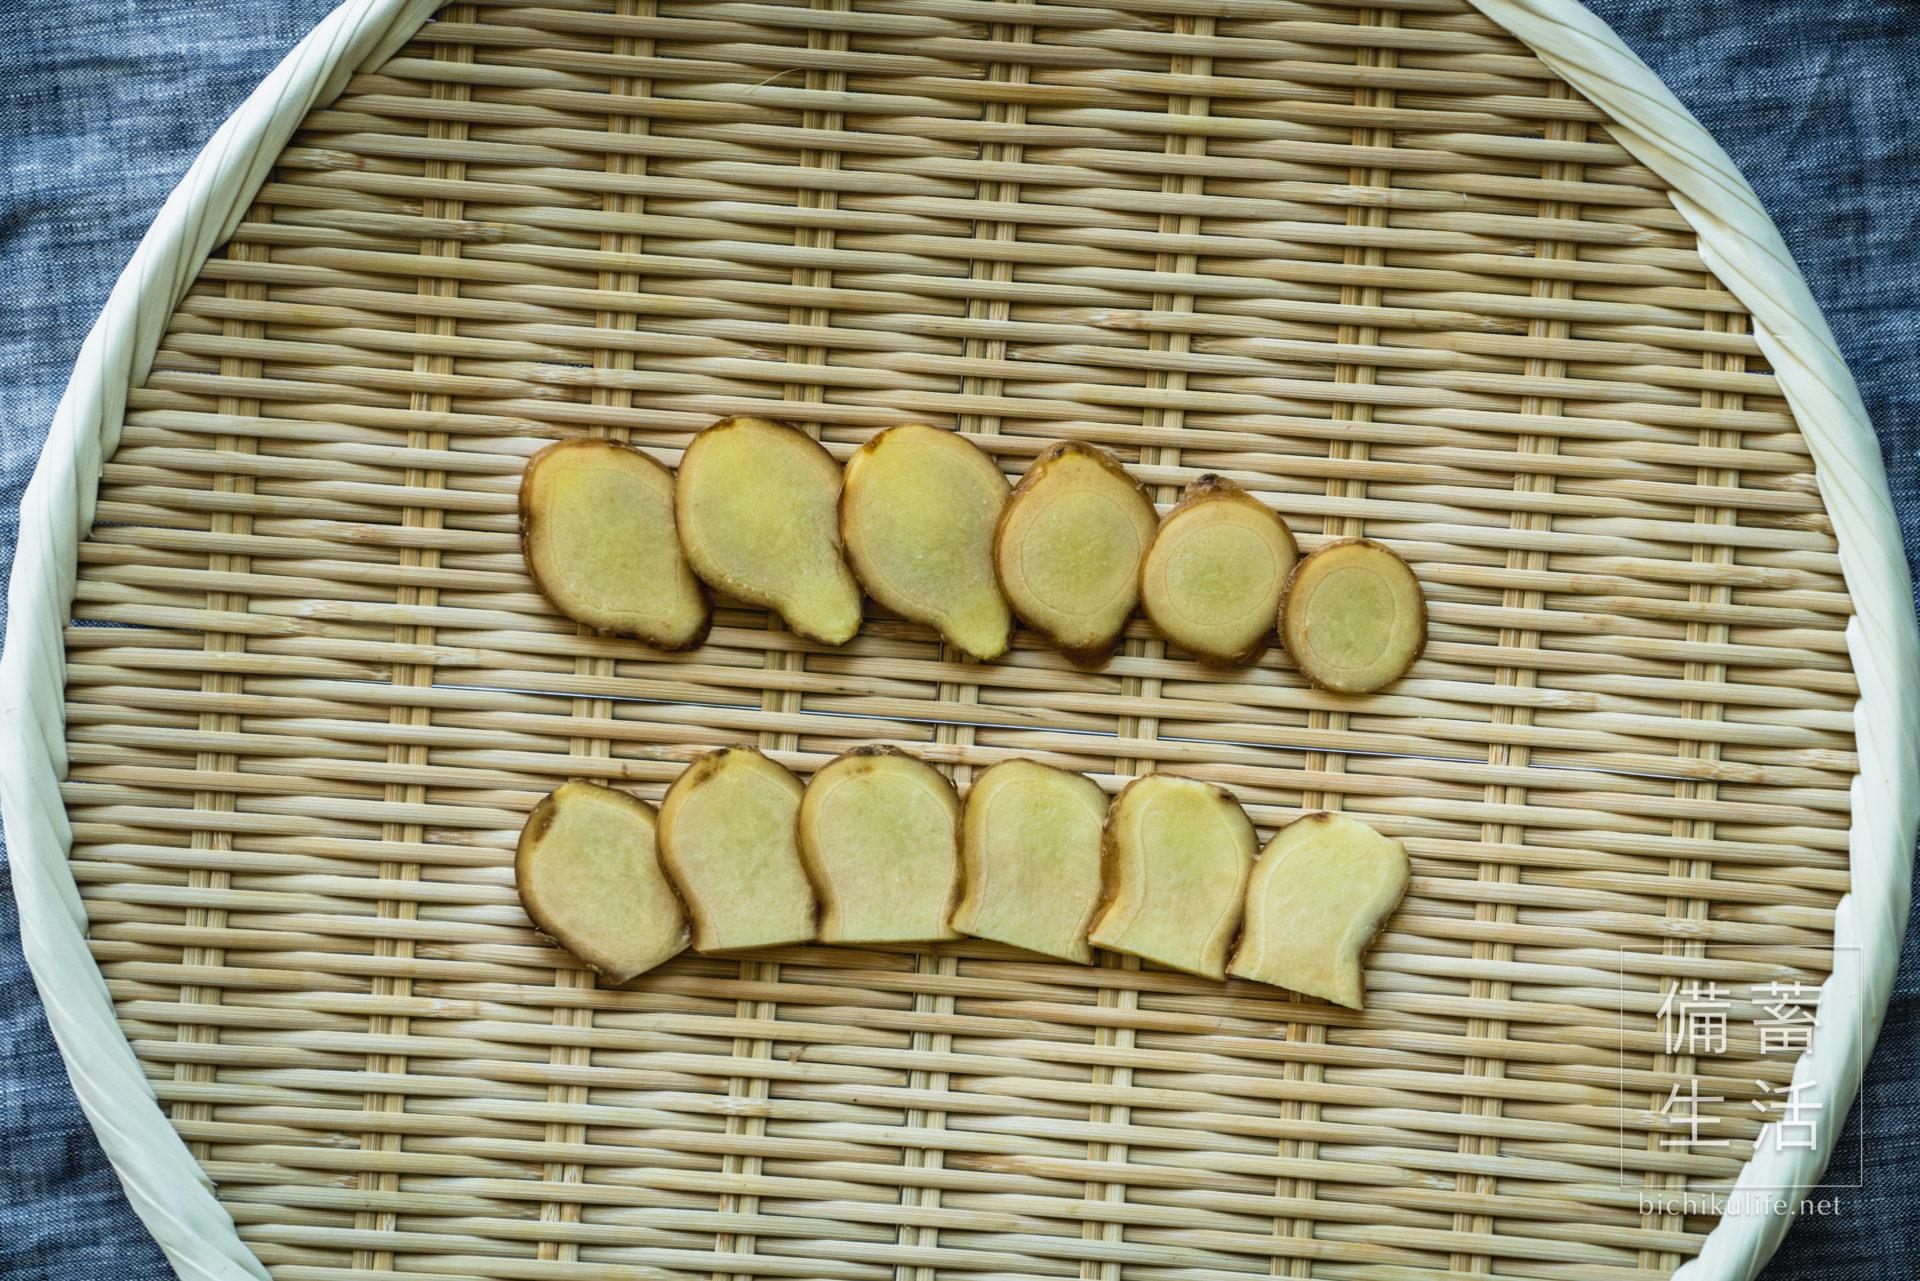 しょうが 干し野菜づくり -干し生姜-